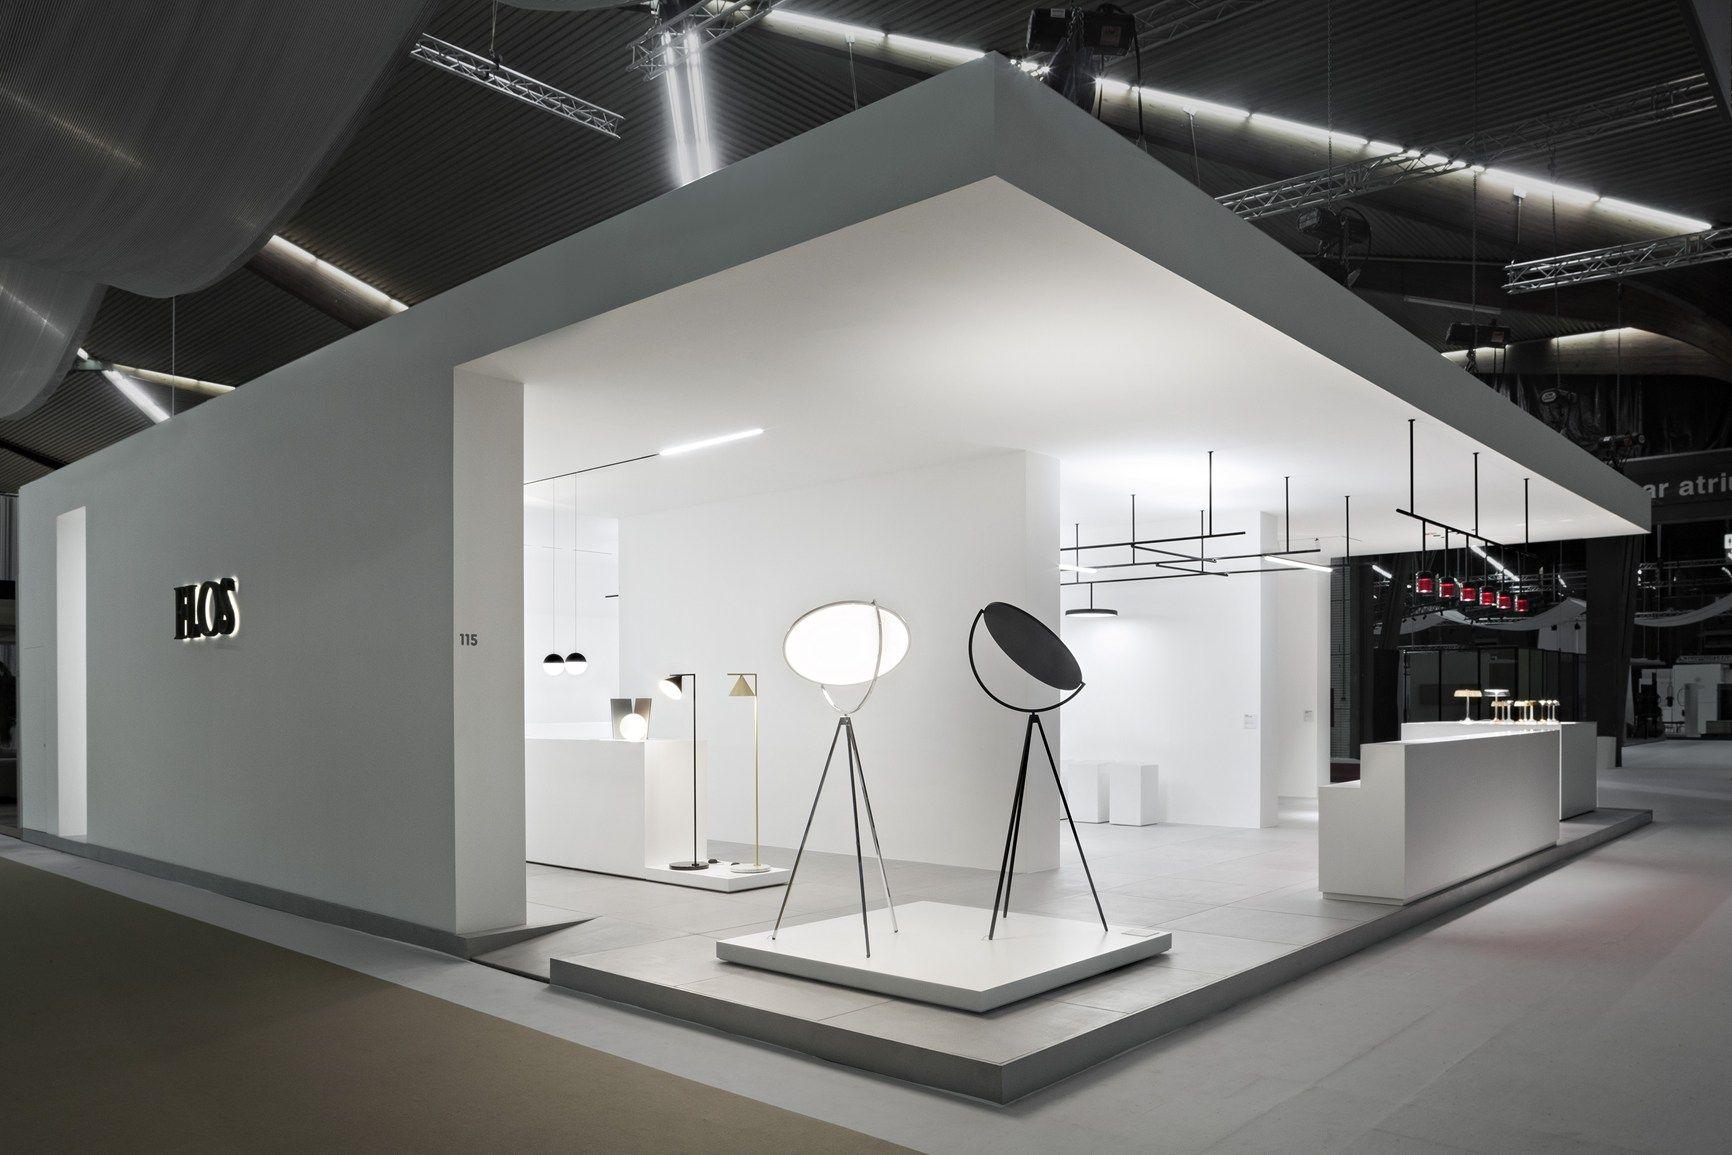 Flos biennale interieur 2016 for Biennale interieur